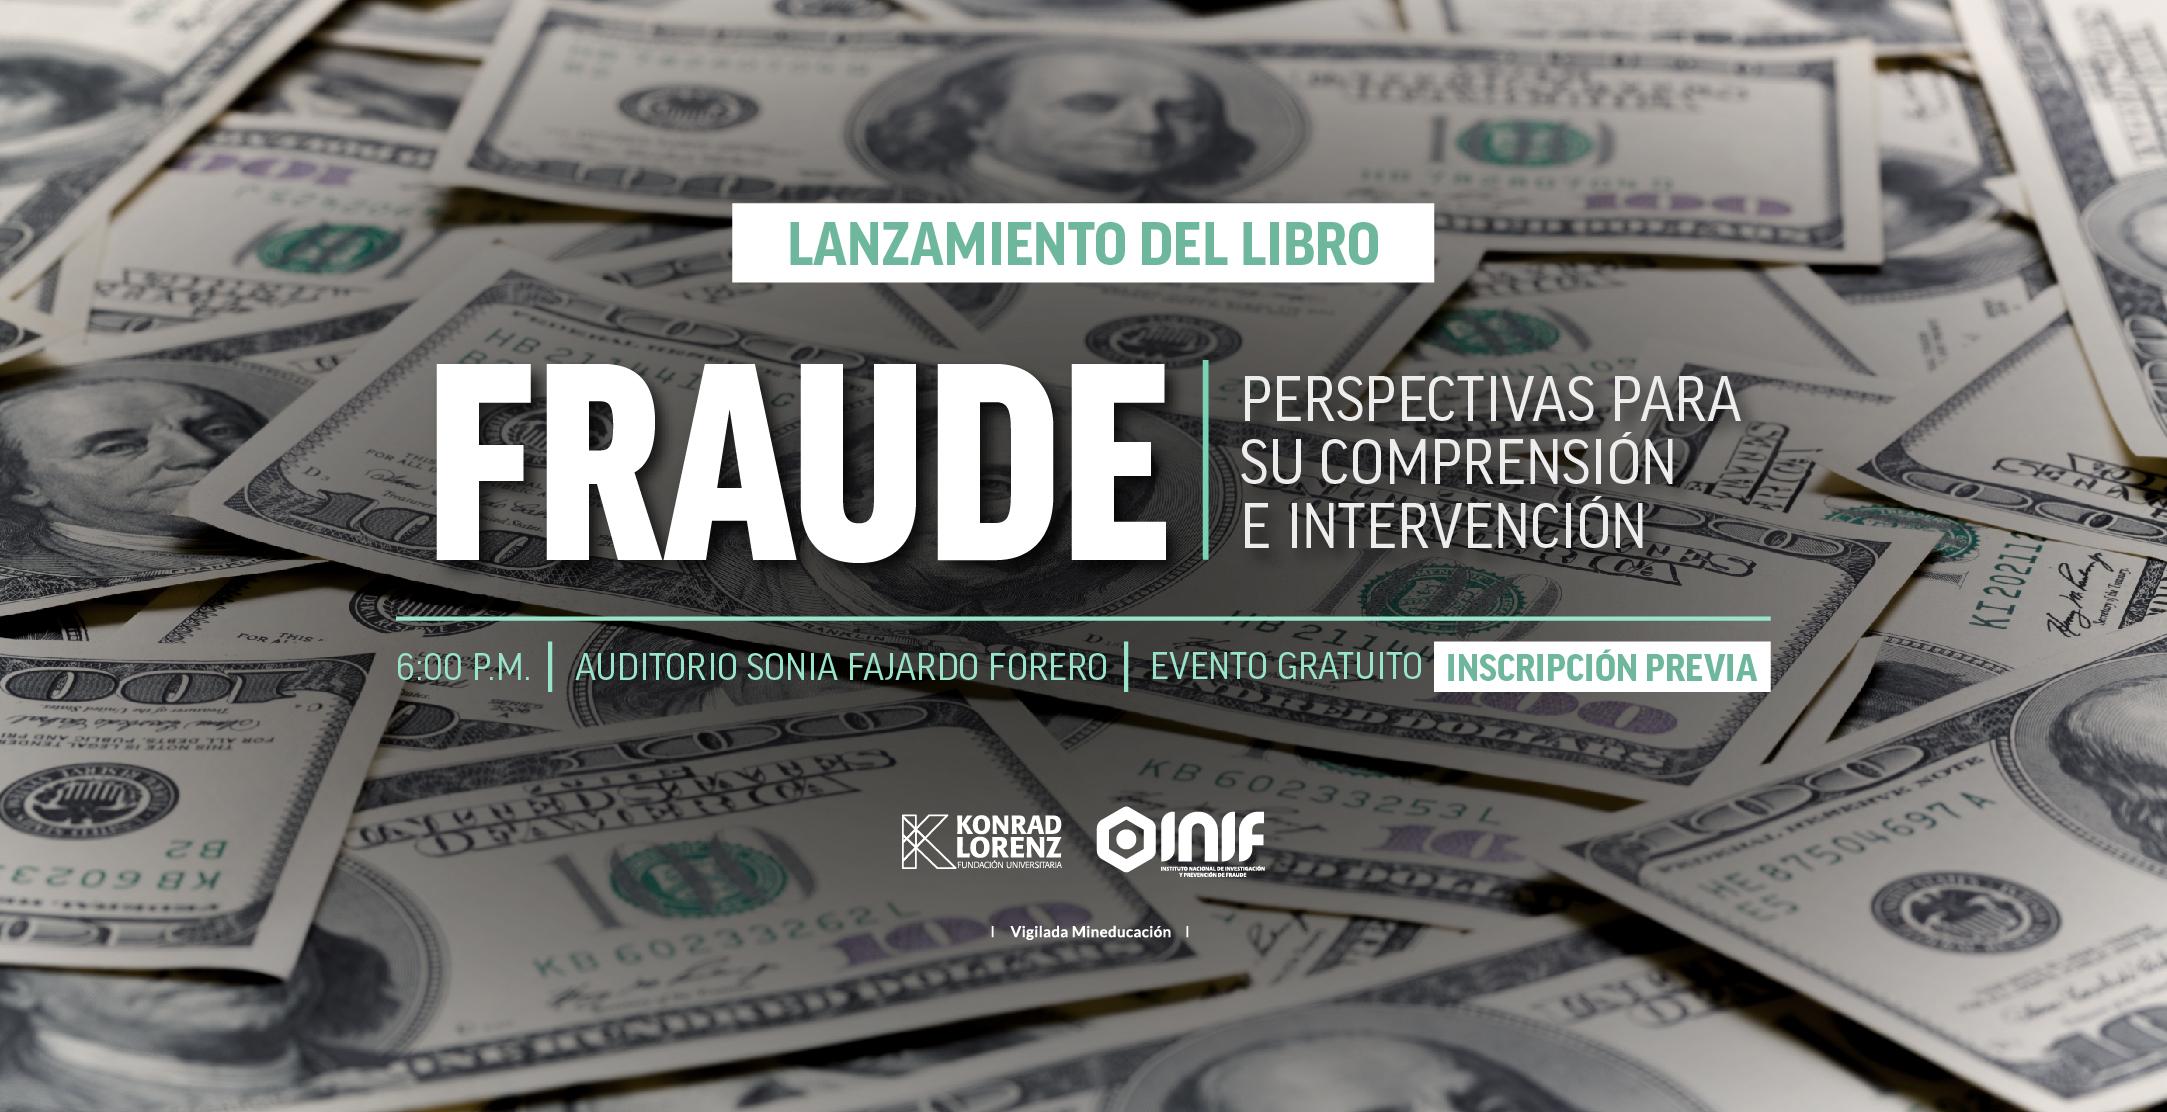 """Lanzamiento del libro: """"Fraude: Perspectivas para su comprensión e intervención"""""""